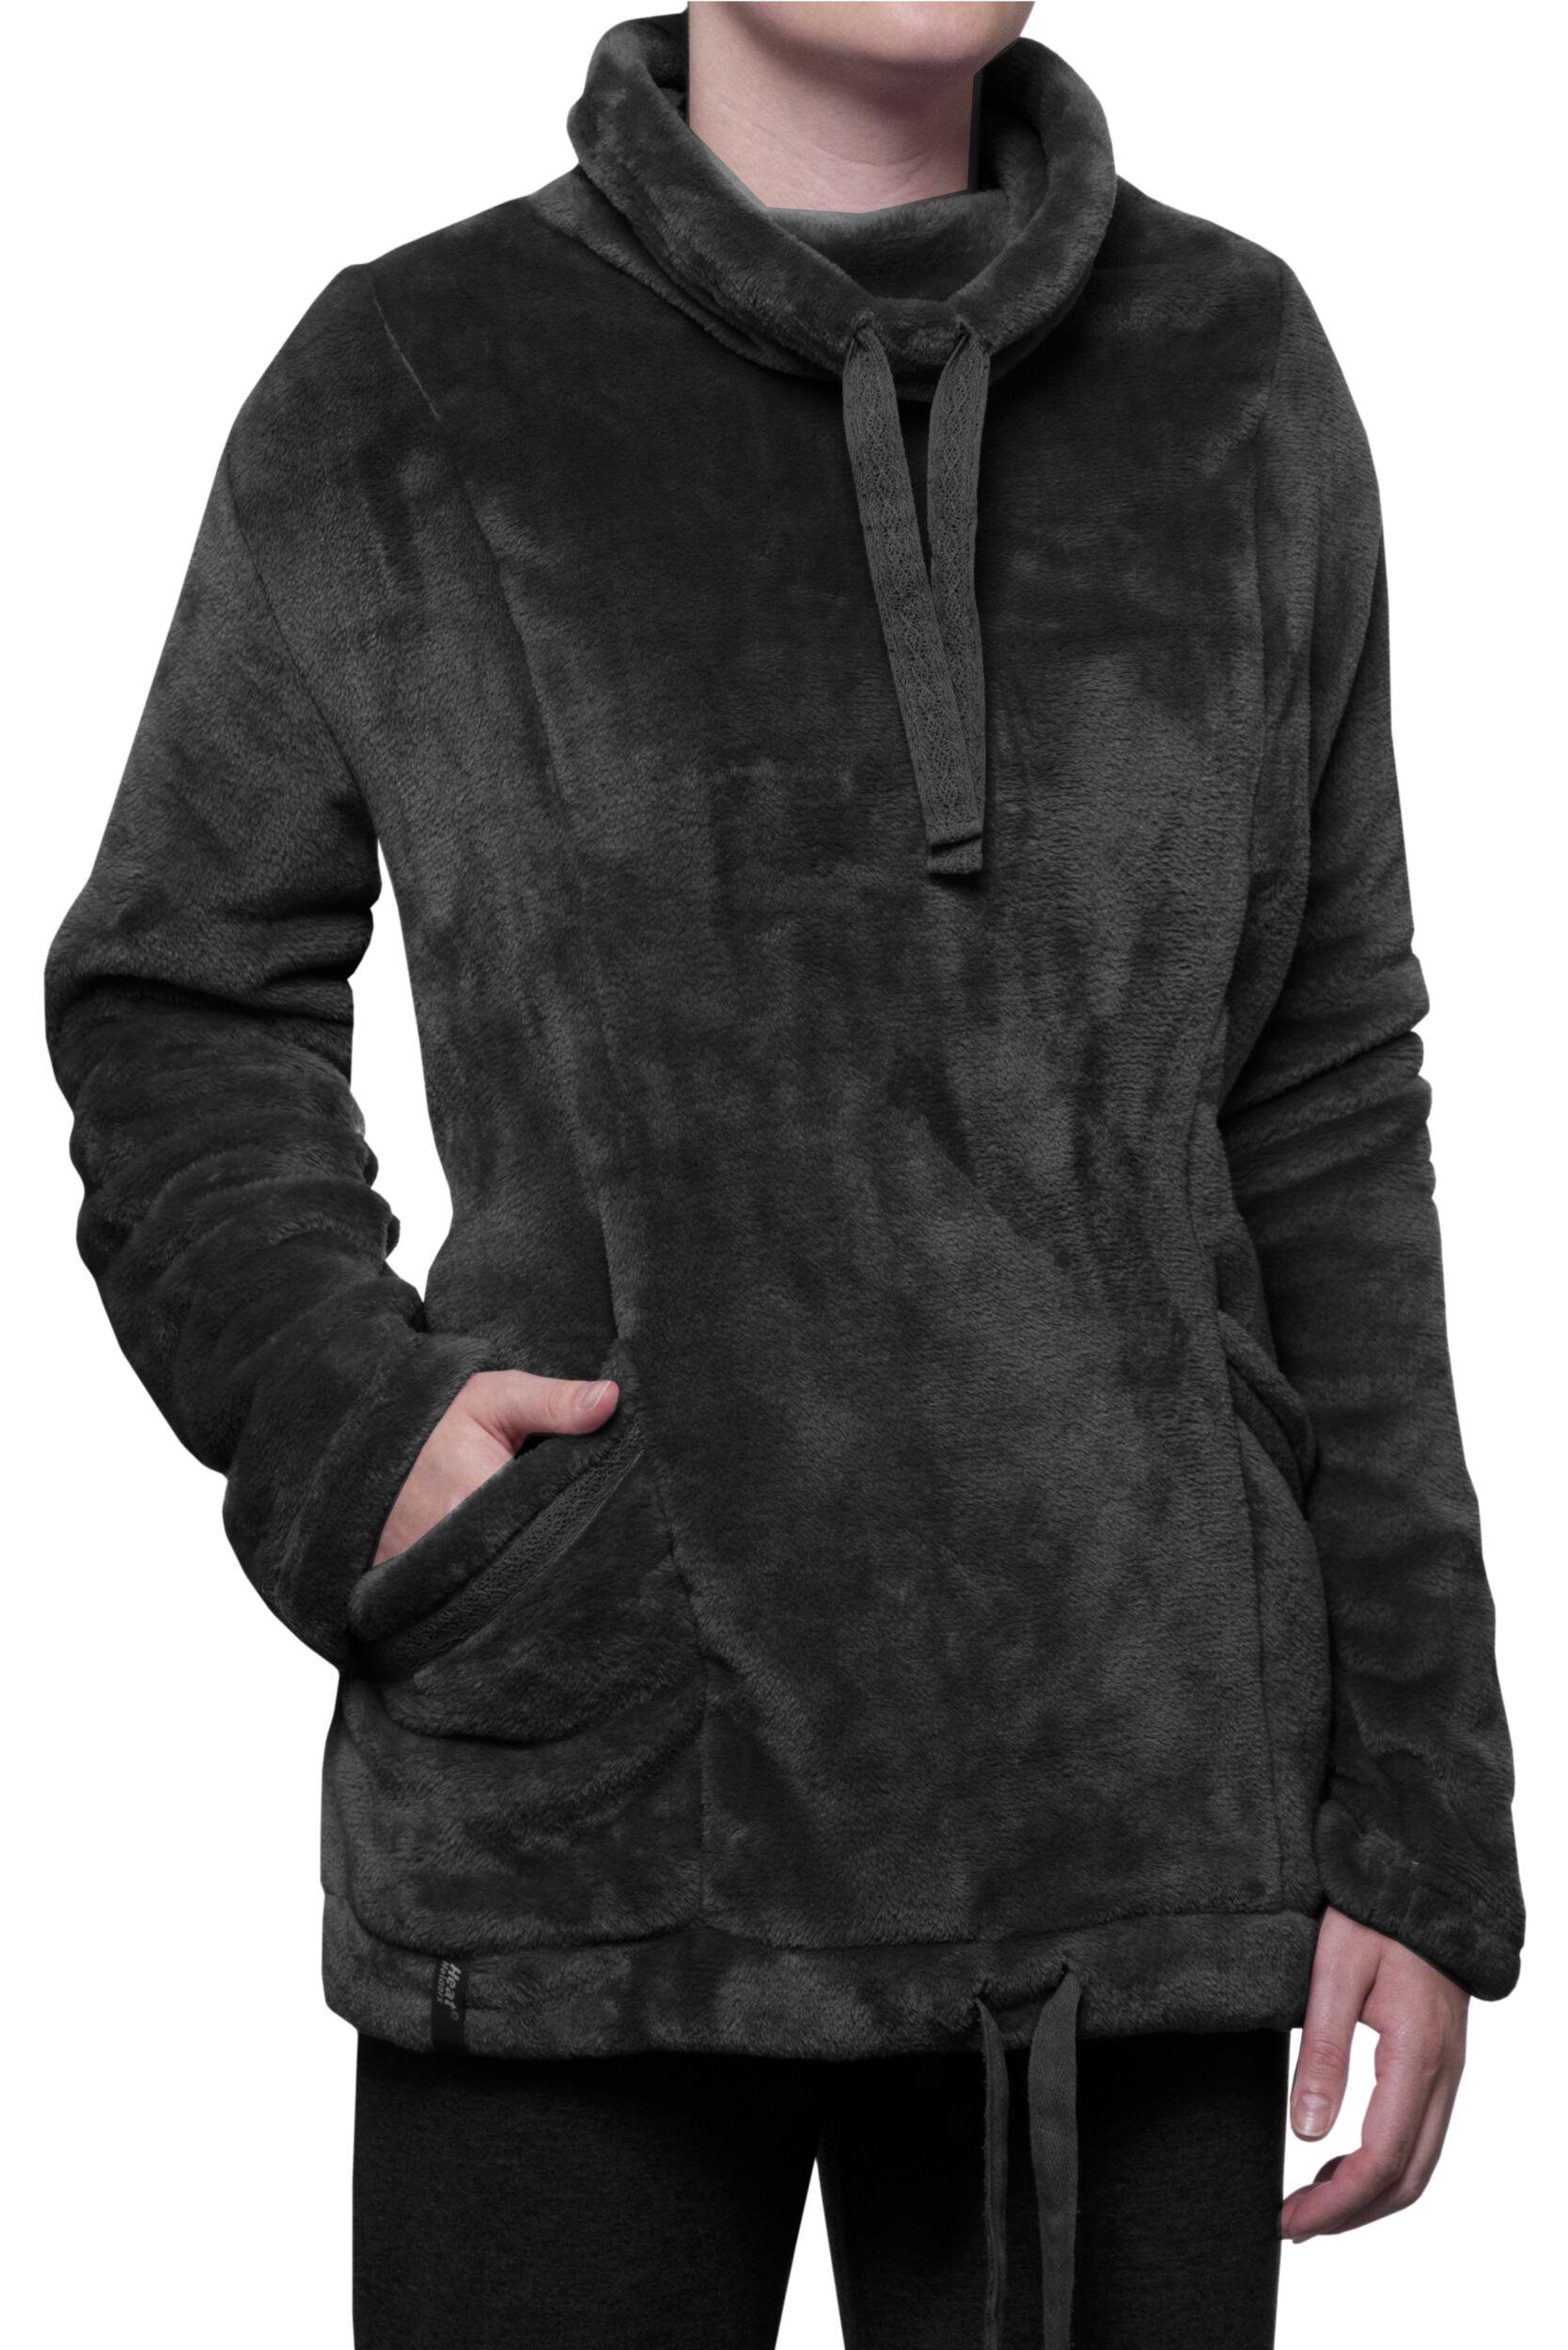 Image of Ladies SockShop Heat Holders Snugover Fleece Jumper In Black